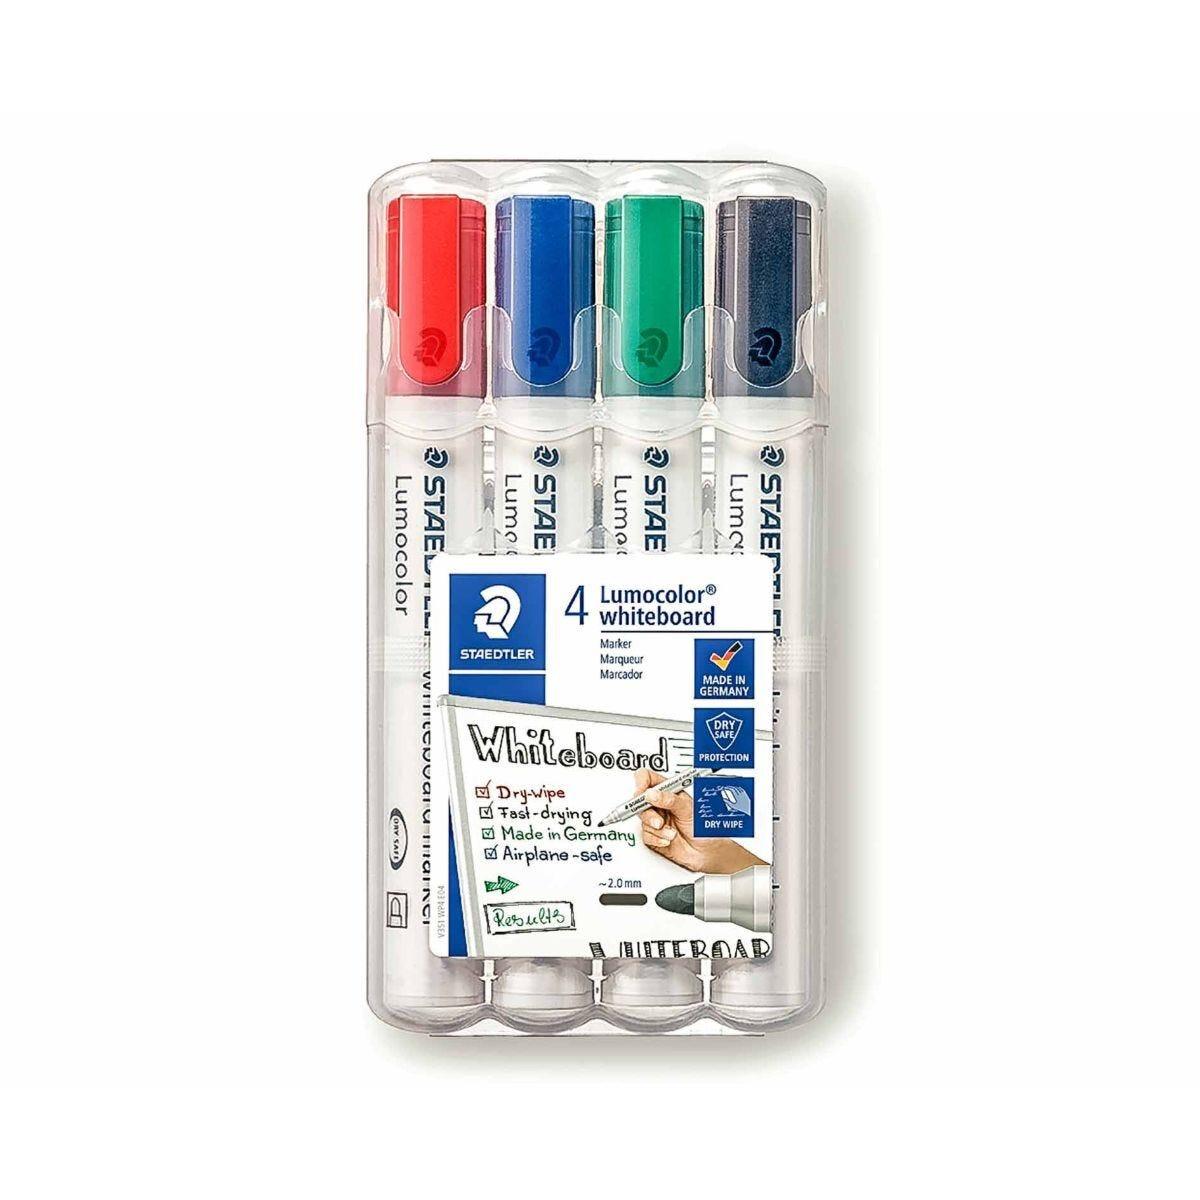 Staedtler Lumocolor Marker Pens Whiteboard 2mm Bullet Tip Pack of 4